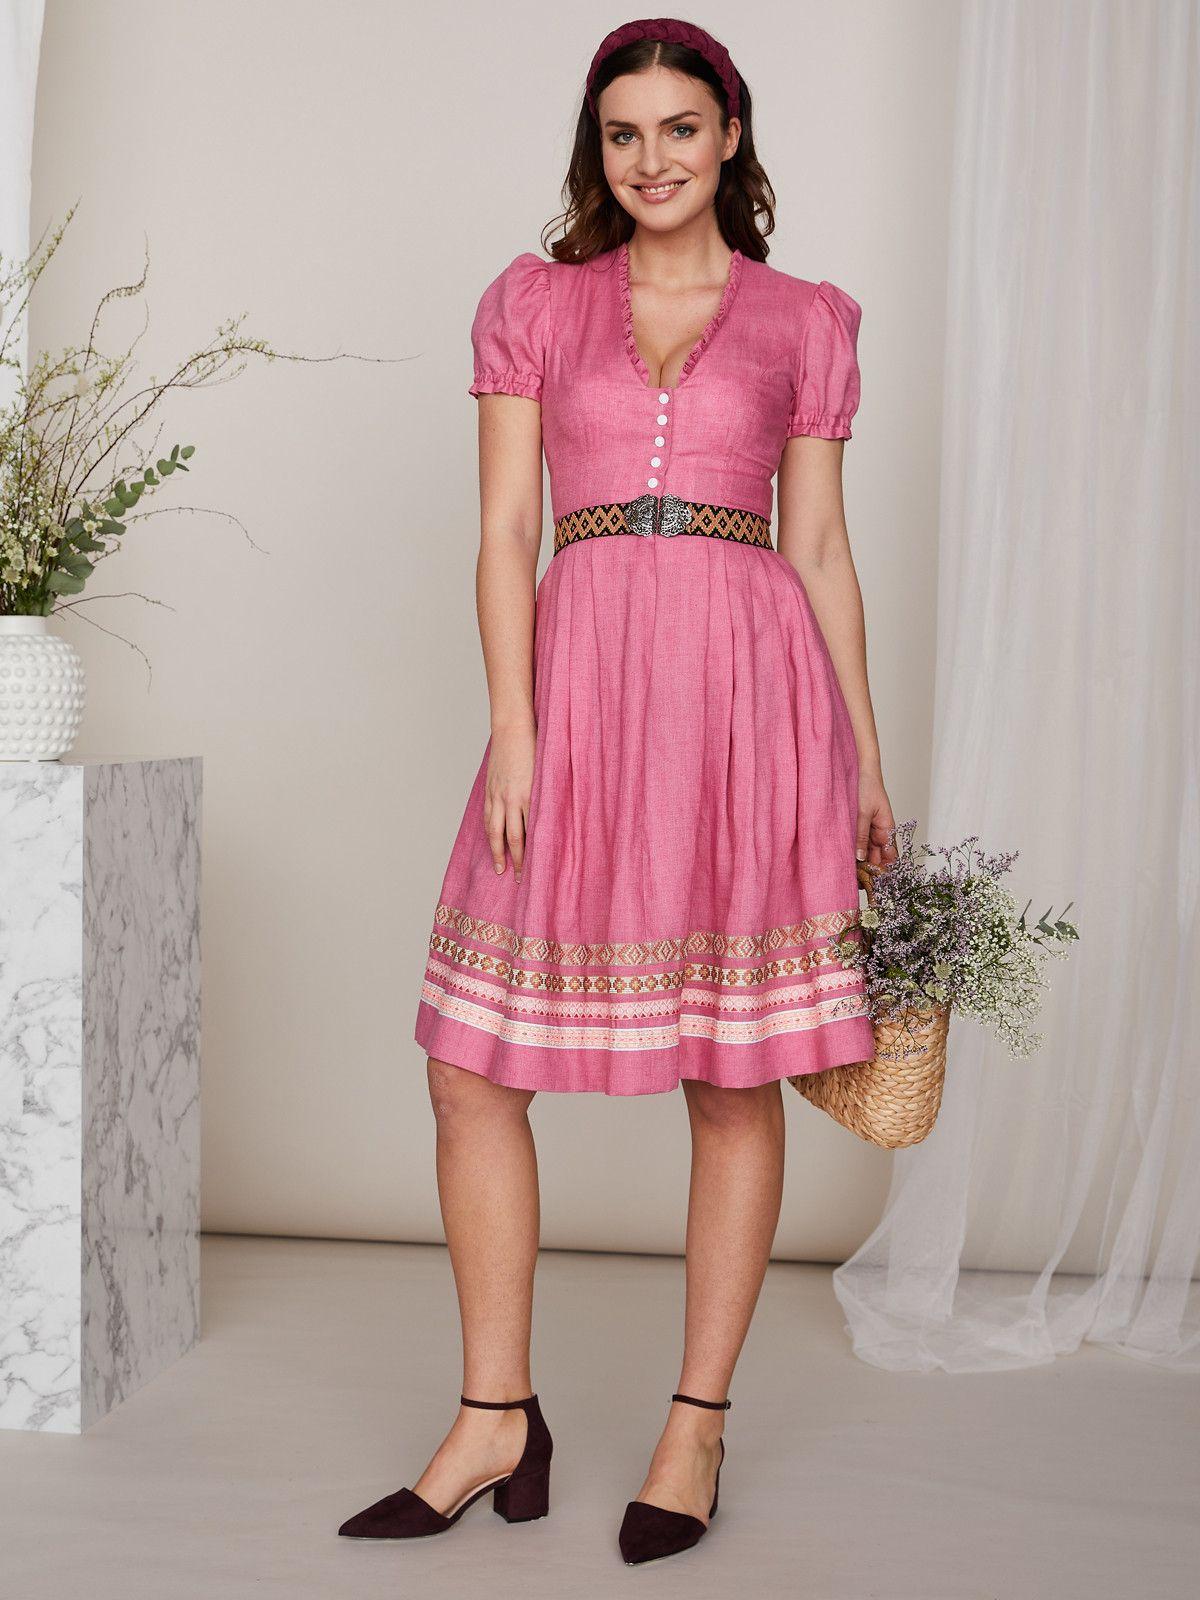 Julia Trentini Altrosa Dirndlkleid Aus Leinen Camilla Altrosa In 2020 Modestil Kleid Mit Armel Dirndl